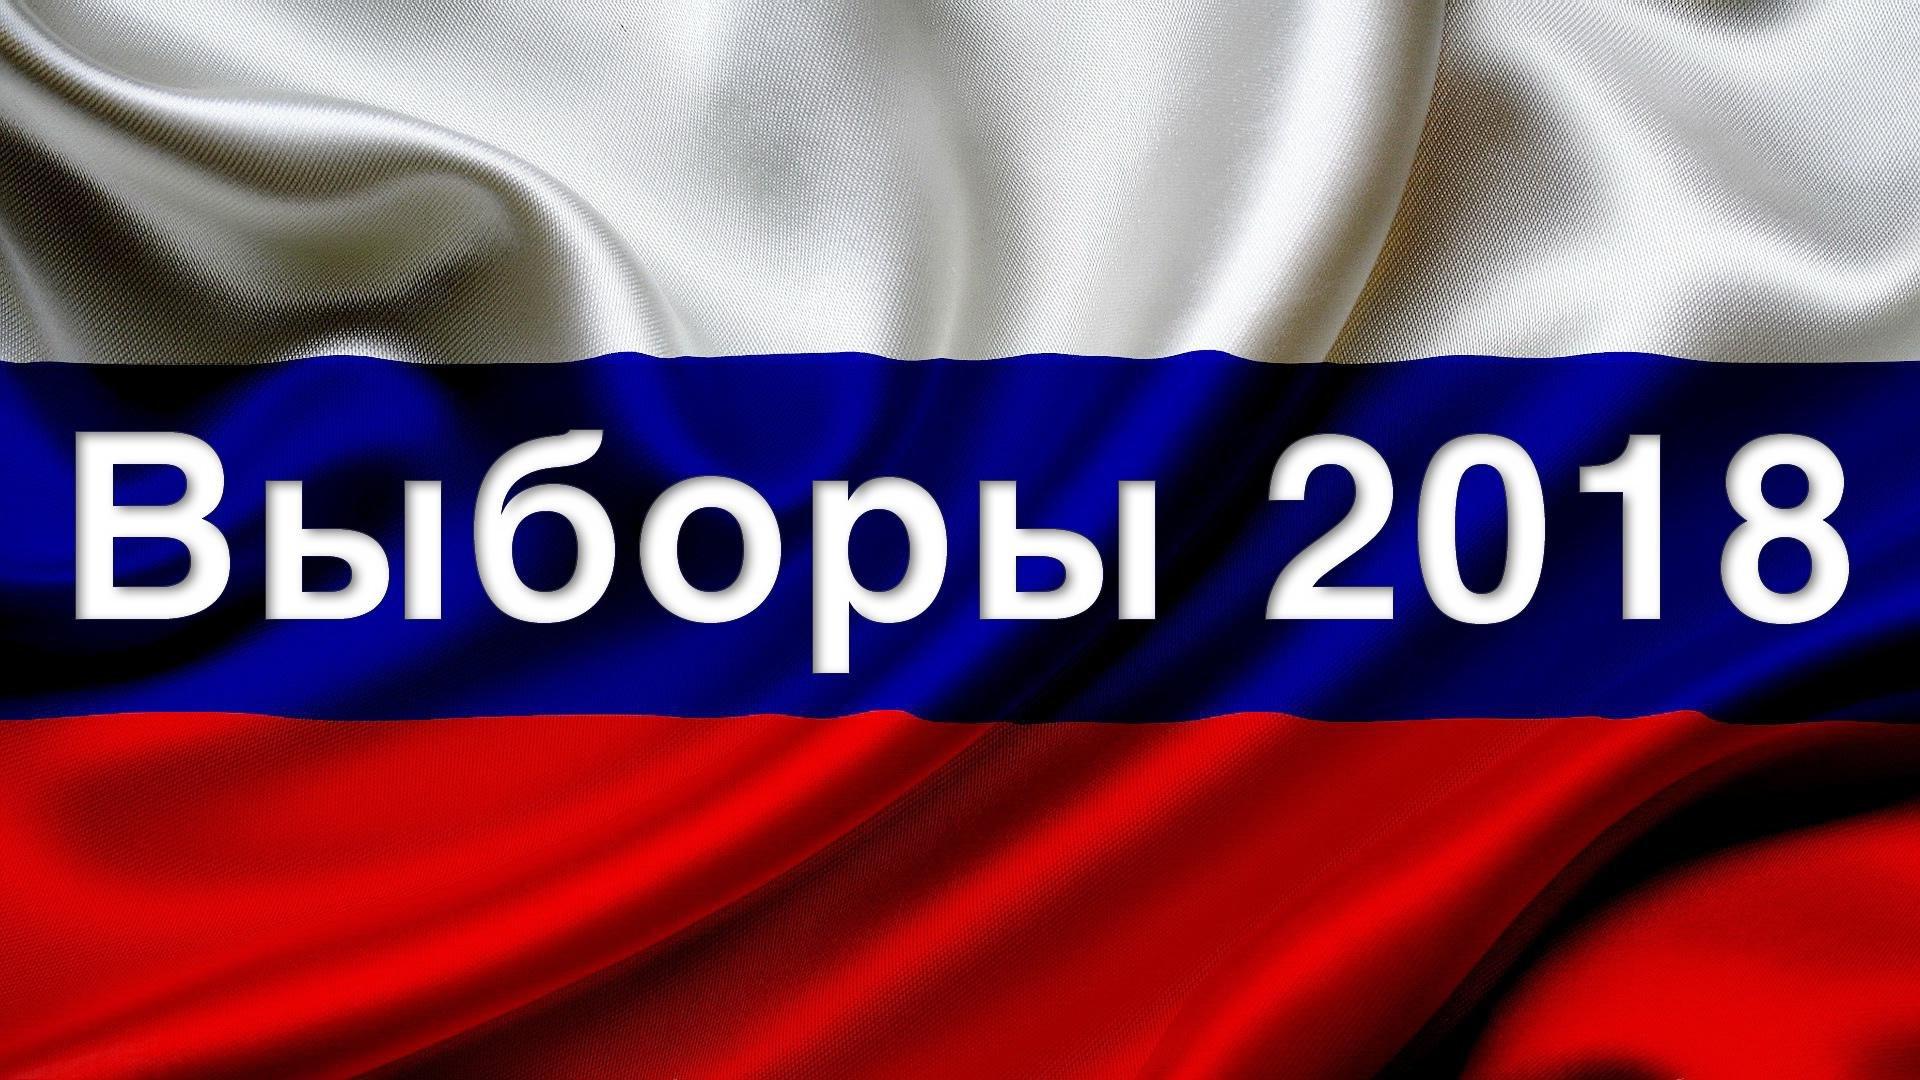 На Superjob имеется вакансия президента России